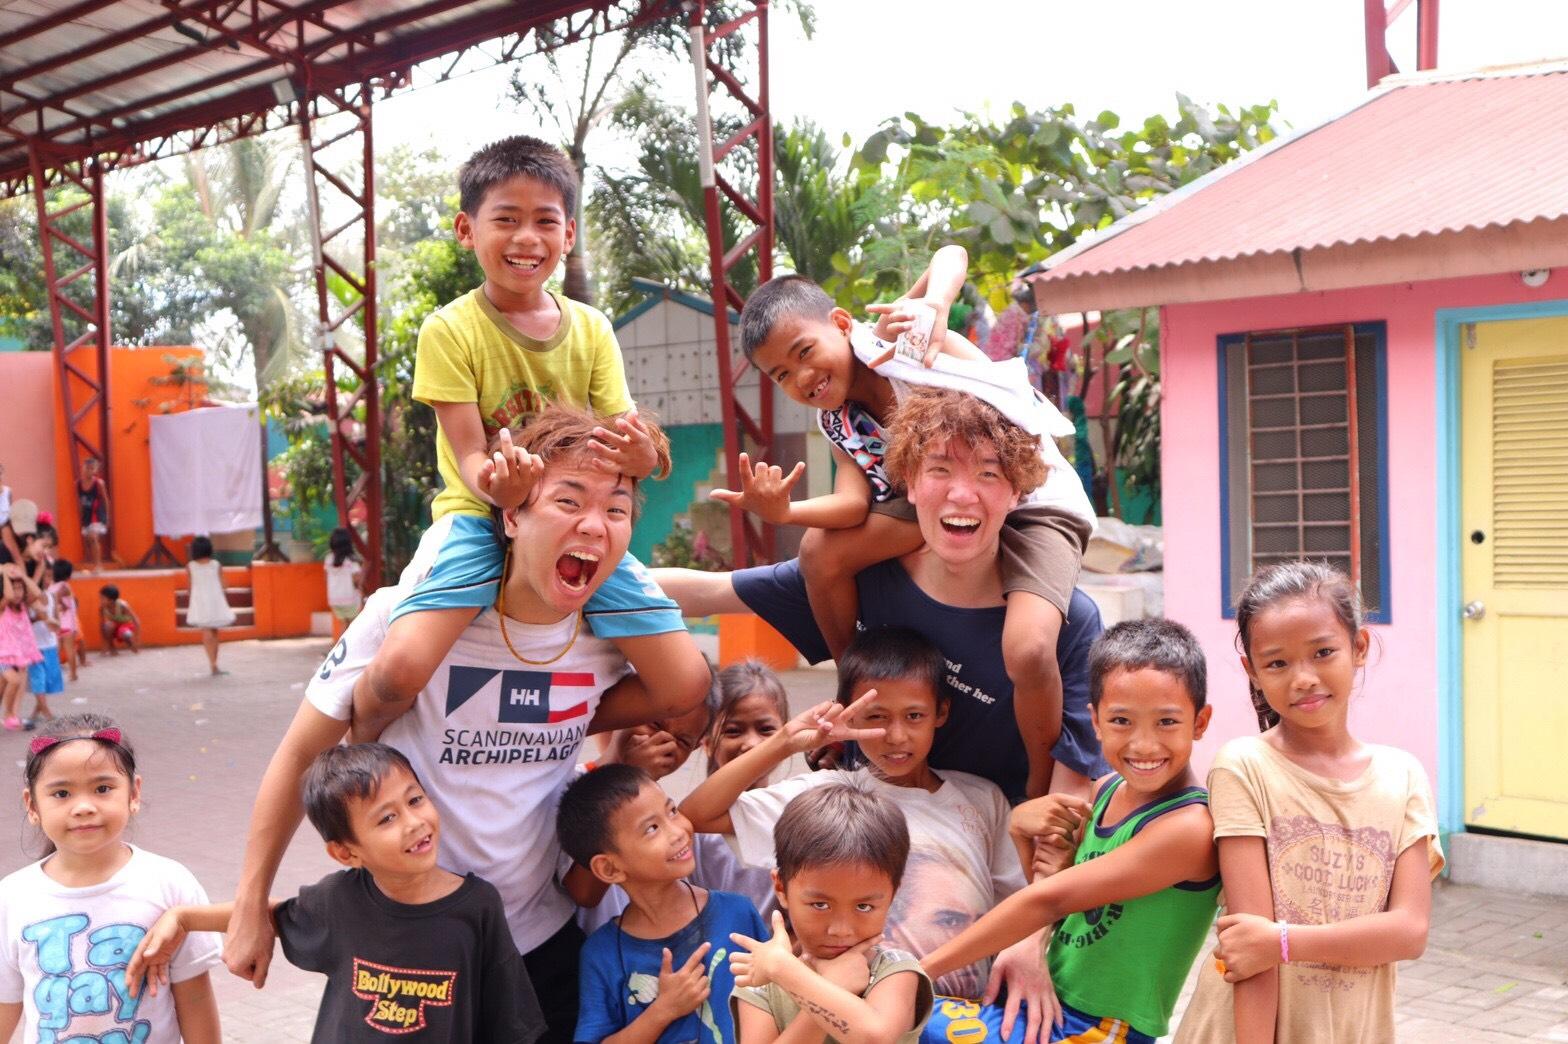 フィリピンのスラム街で食糧支援のボランティアに参加した写真